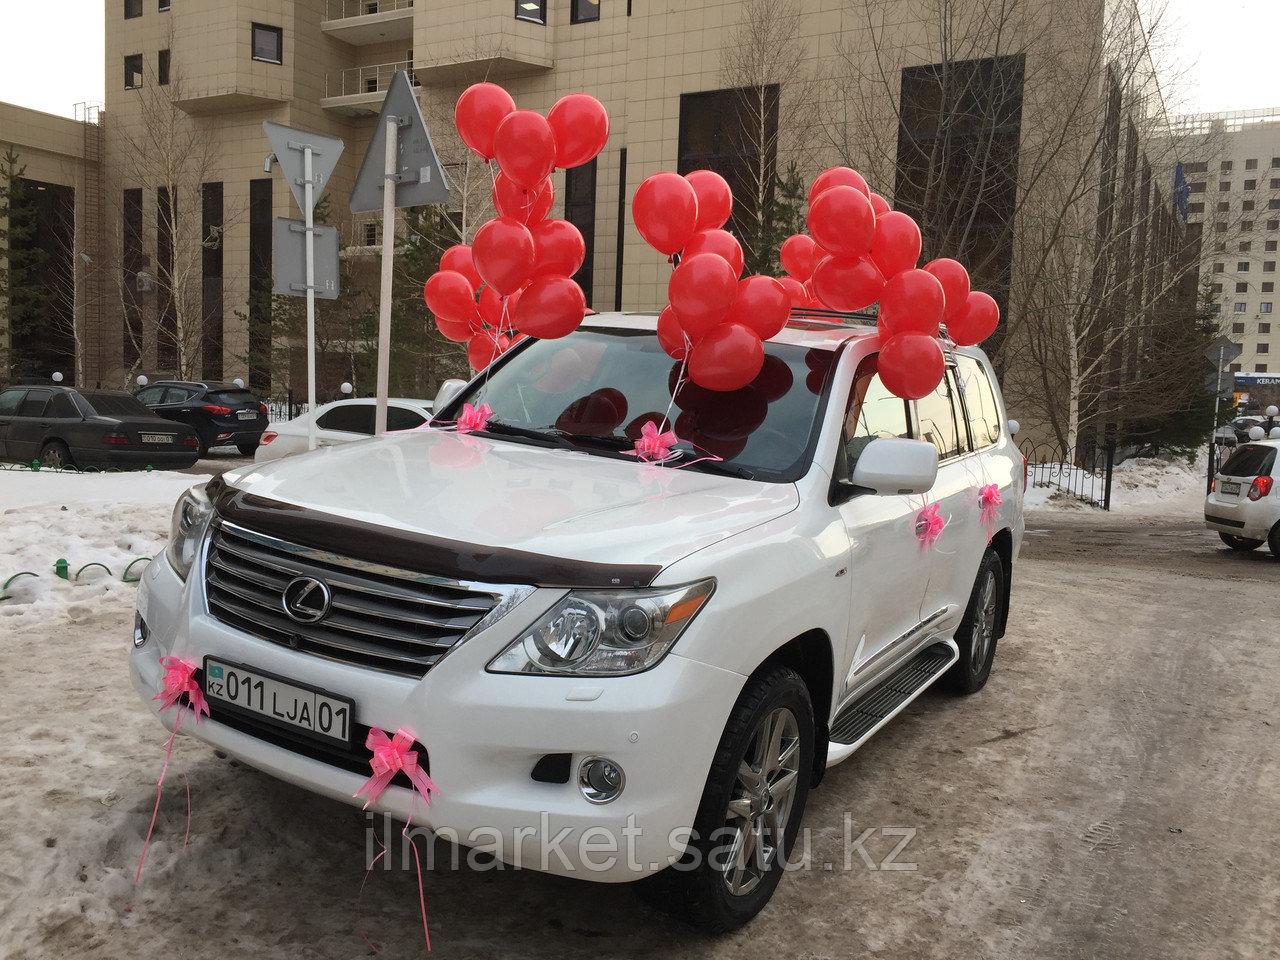 Оформление шарами и бантами машину ( 50 шаров + банты) - фото 1